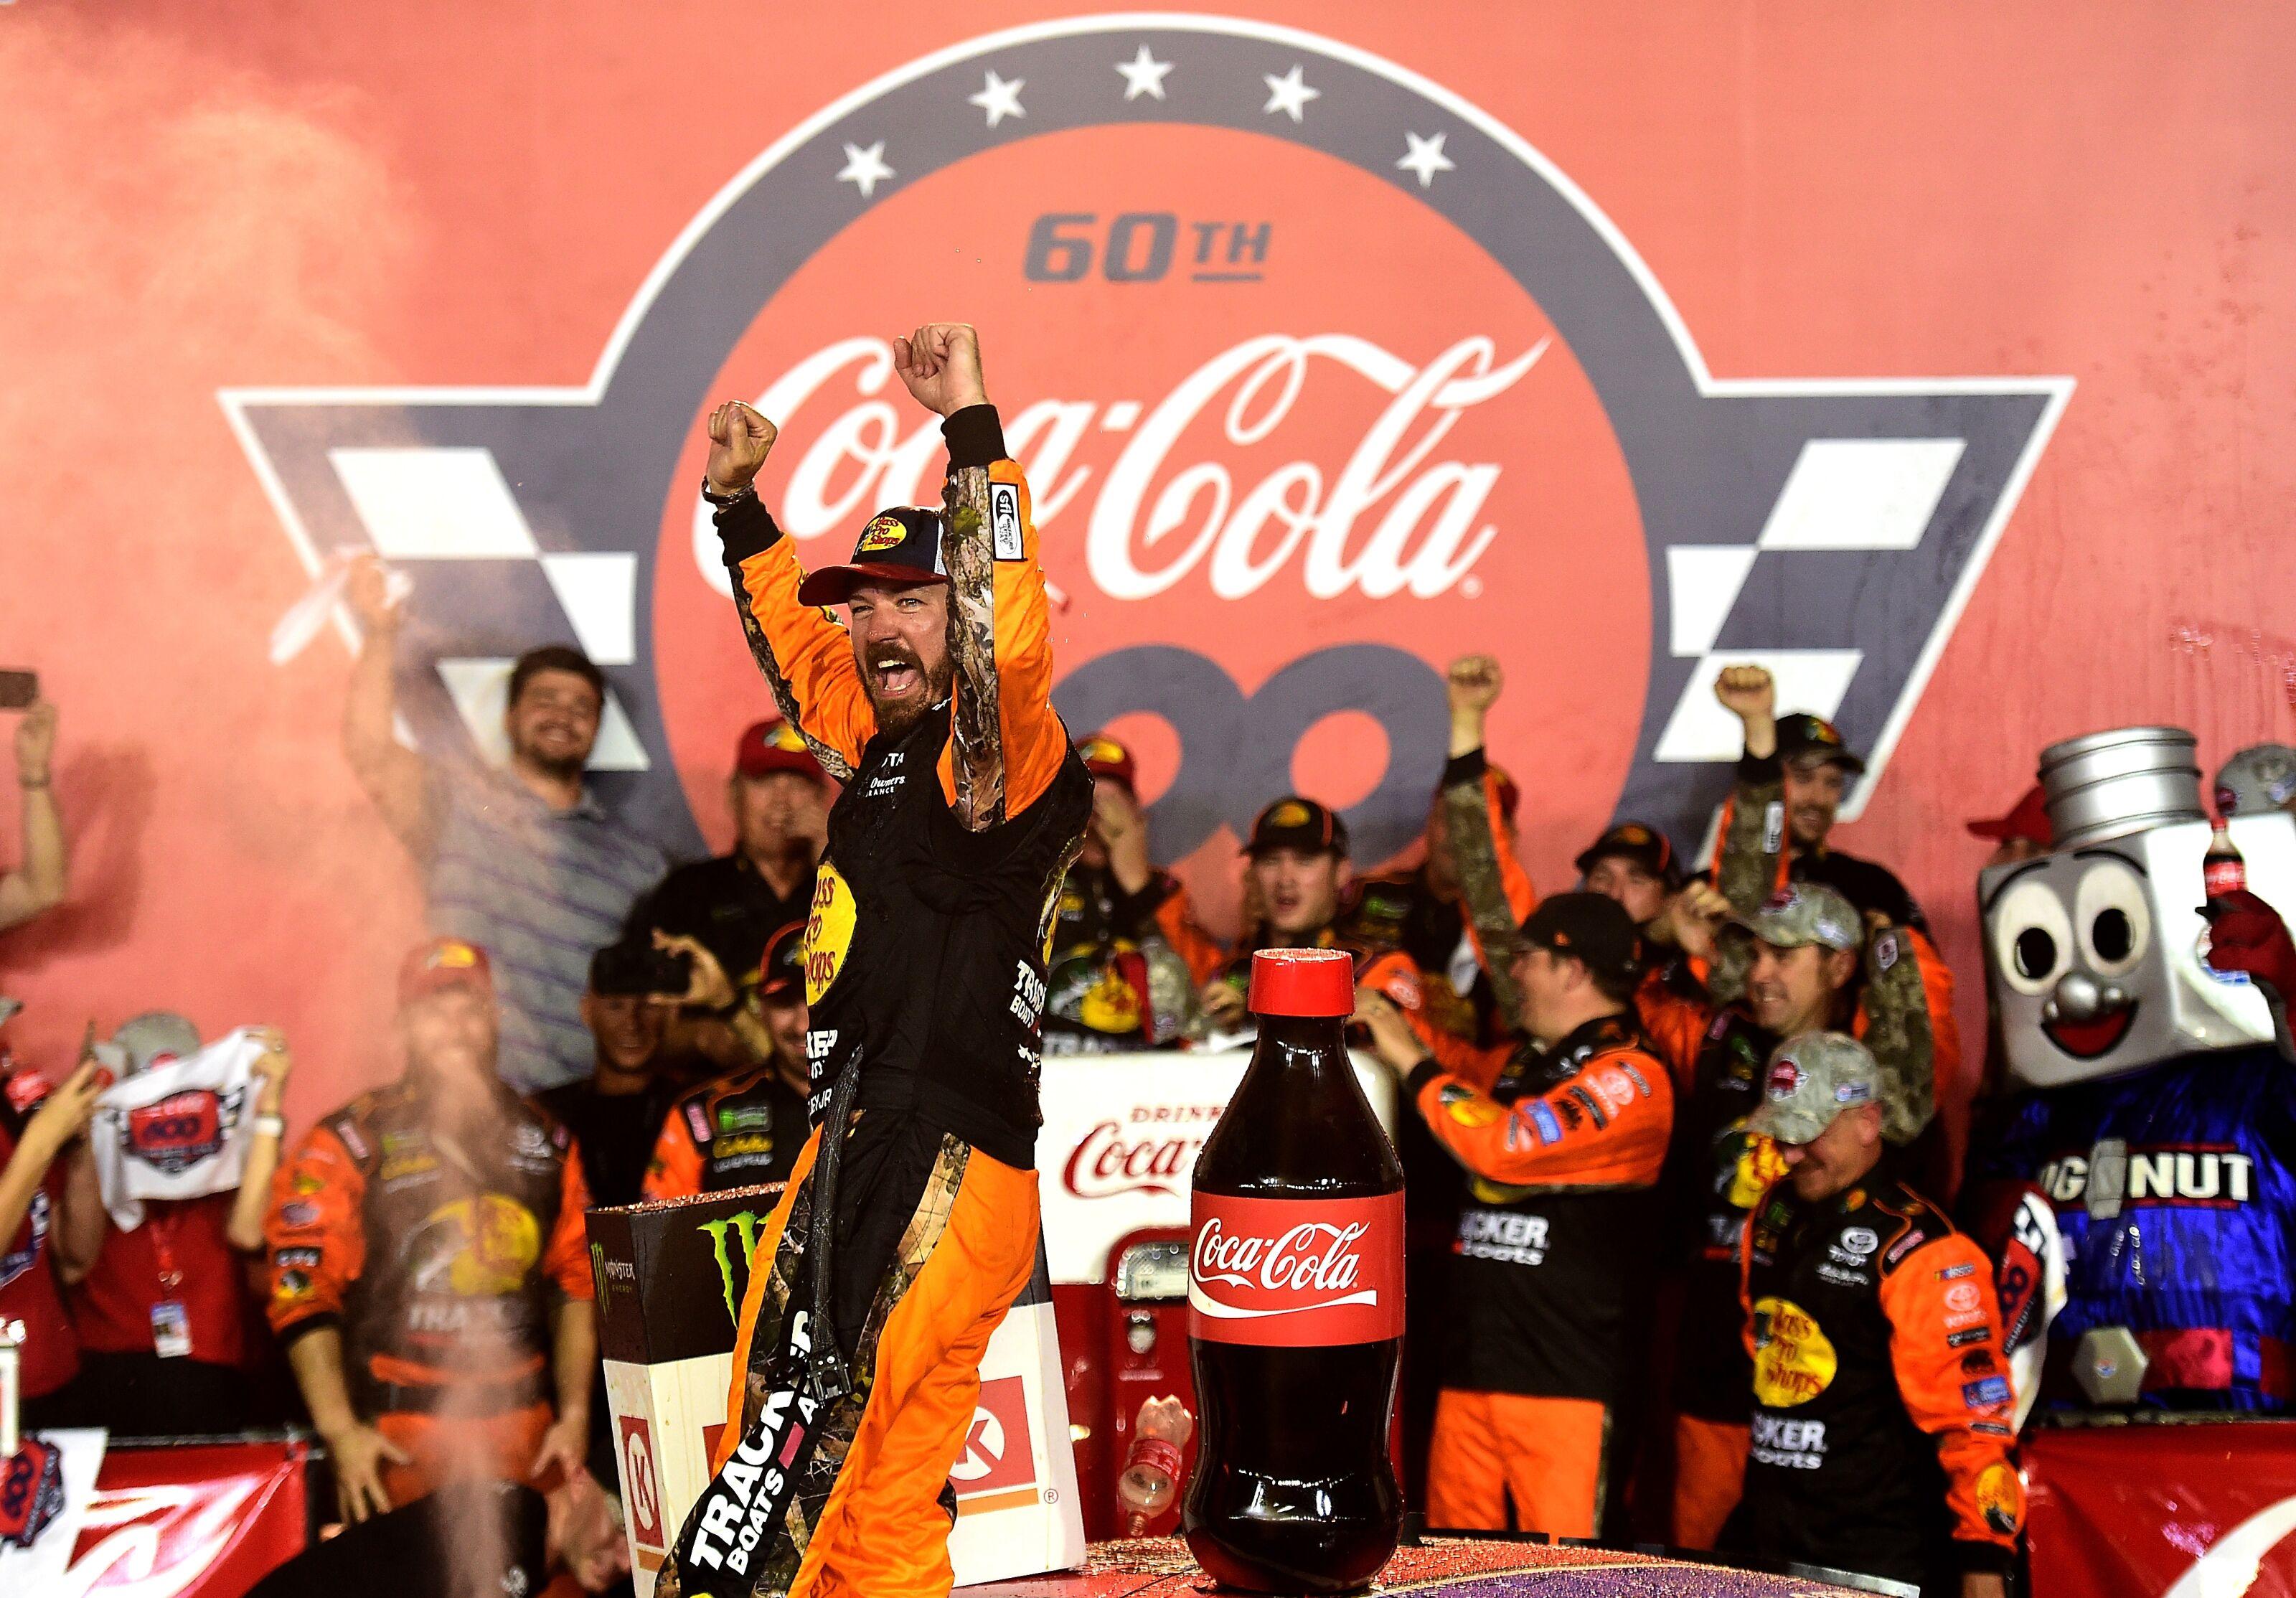 NASCAR Cup Series: Martin Truex Jr. wins 2019 Coca-Cola 600